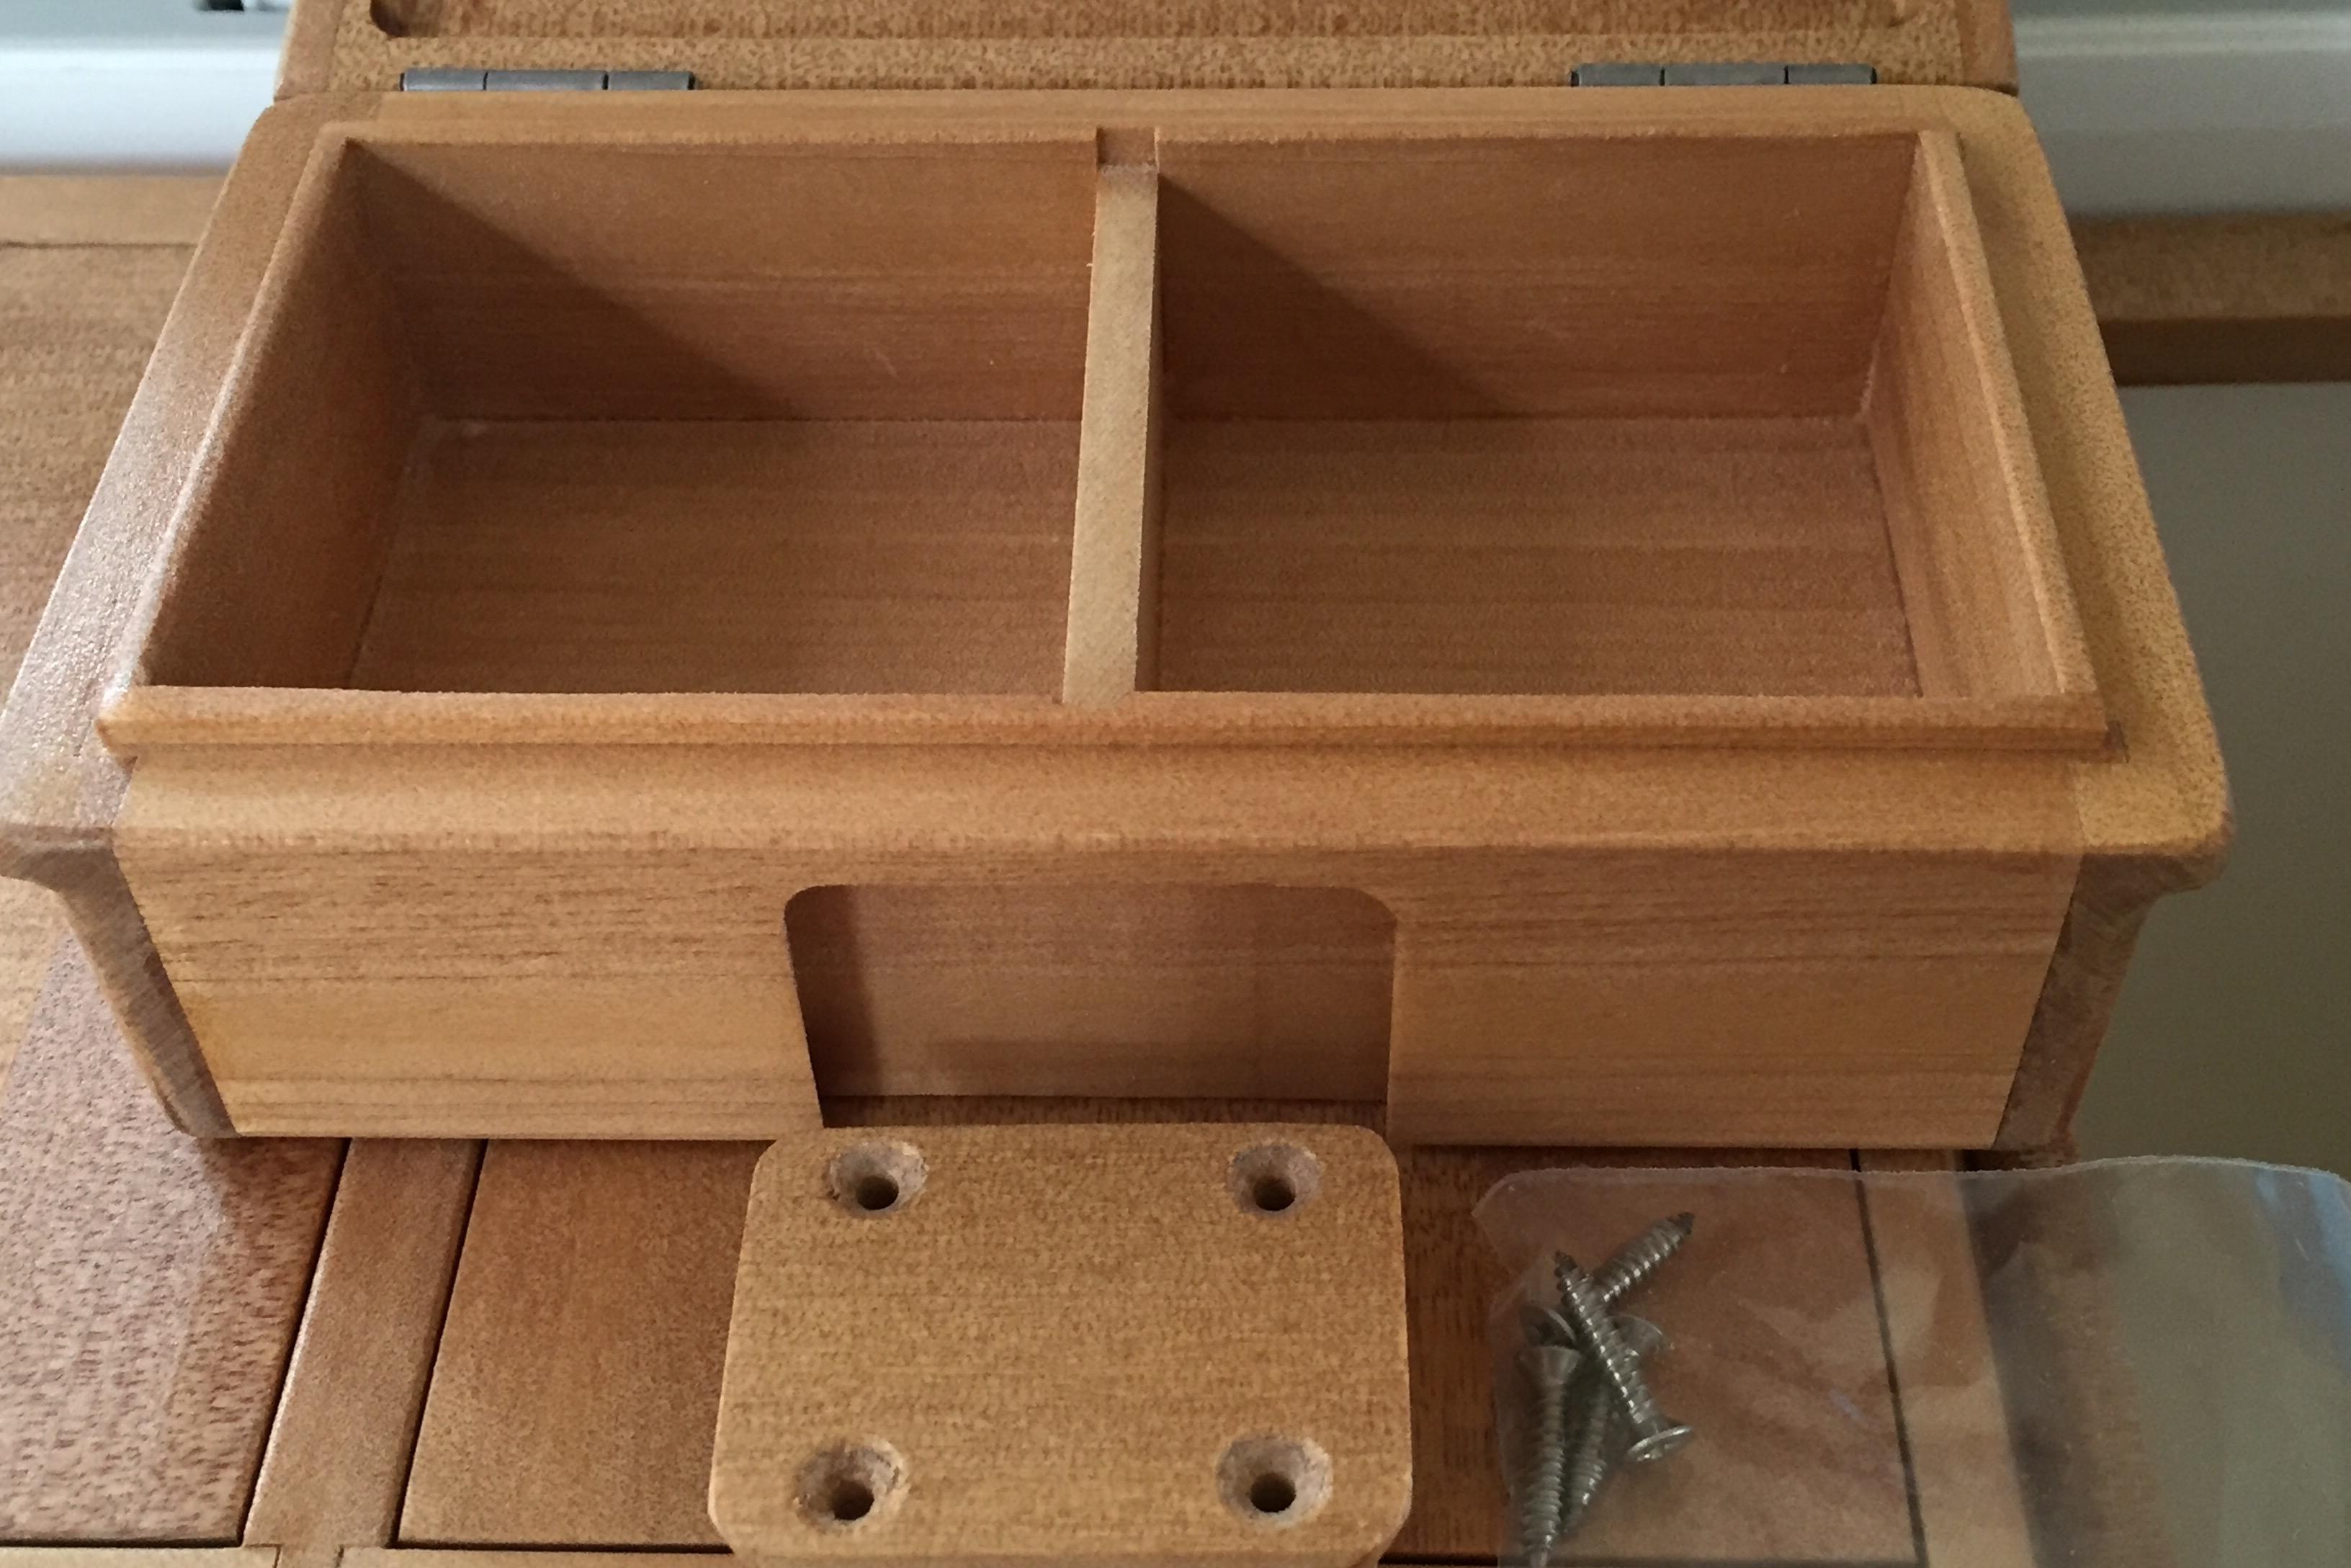 小出しエサ箱も保存エサ箱として使ってもいい大きさです。外寸法158mm×90mm×47mm。内寸法65mm×66mm×28mm×2室。